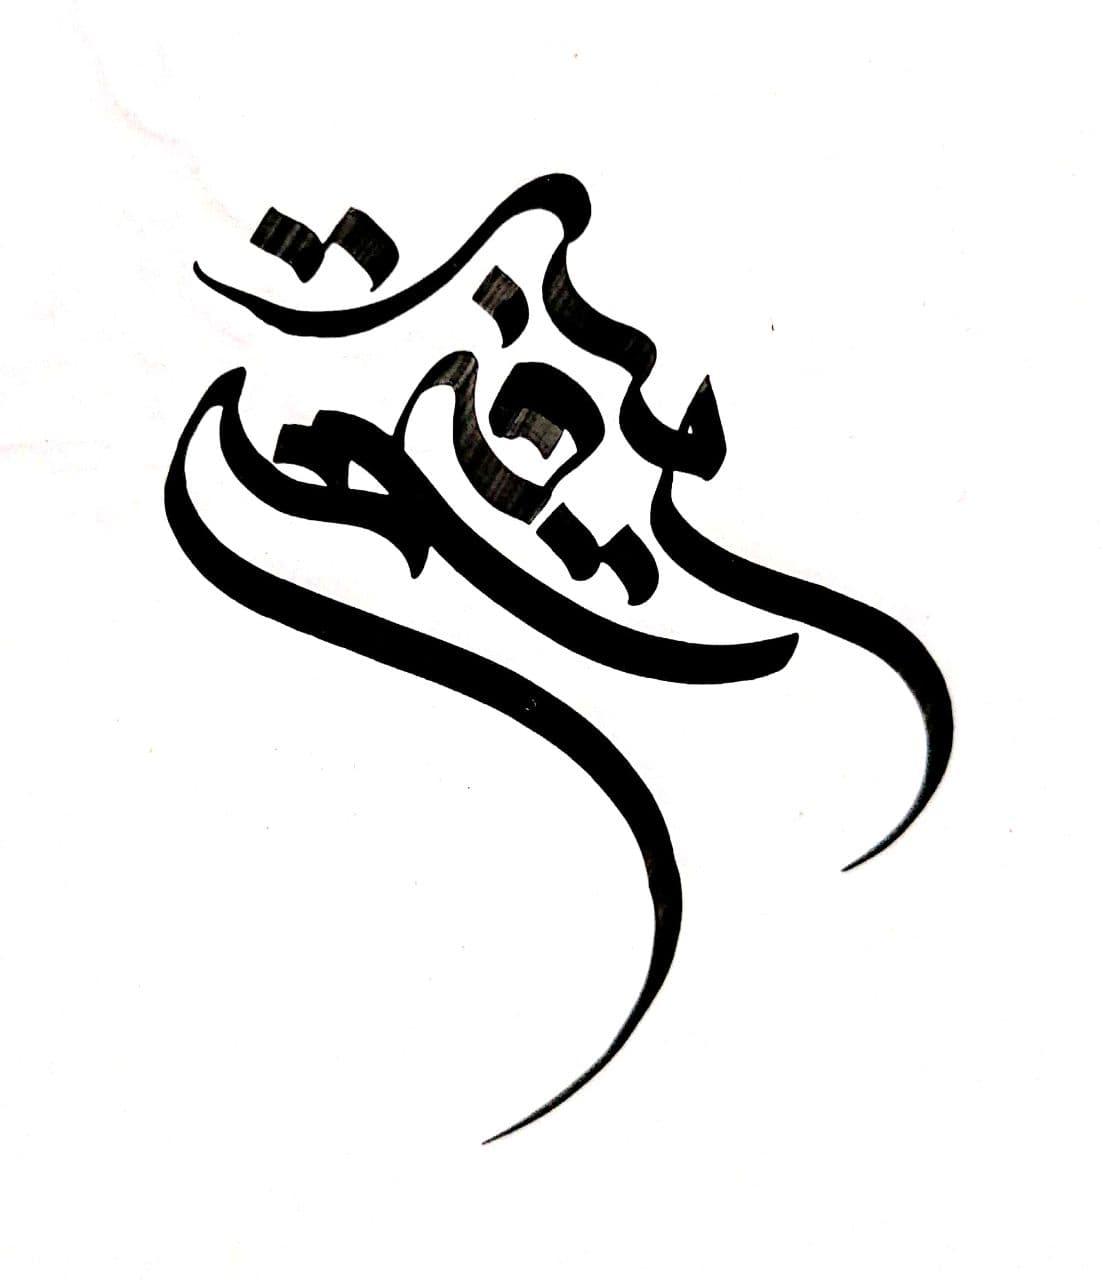 خوشنویسی اسم مناسب برای طراحی تتو، مهرسازی و طراحی لوگو خوشنویسی اسم مناسب برای طراحی تتو، مهرسازی و طراحی لوگو photo 2021 09 18 20 53 05